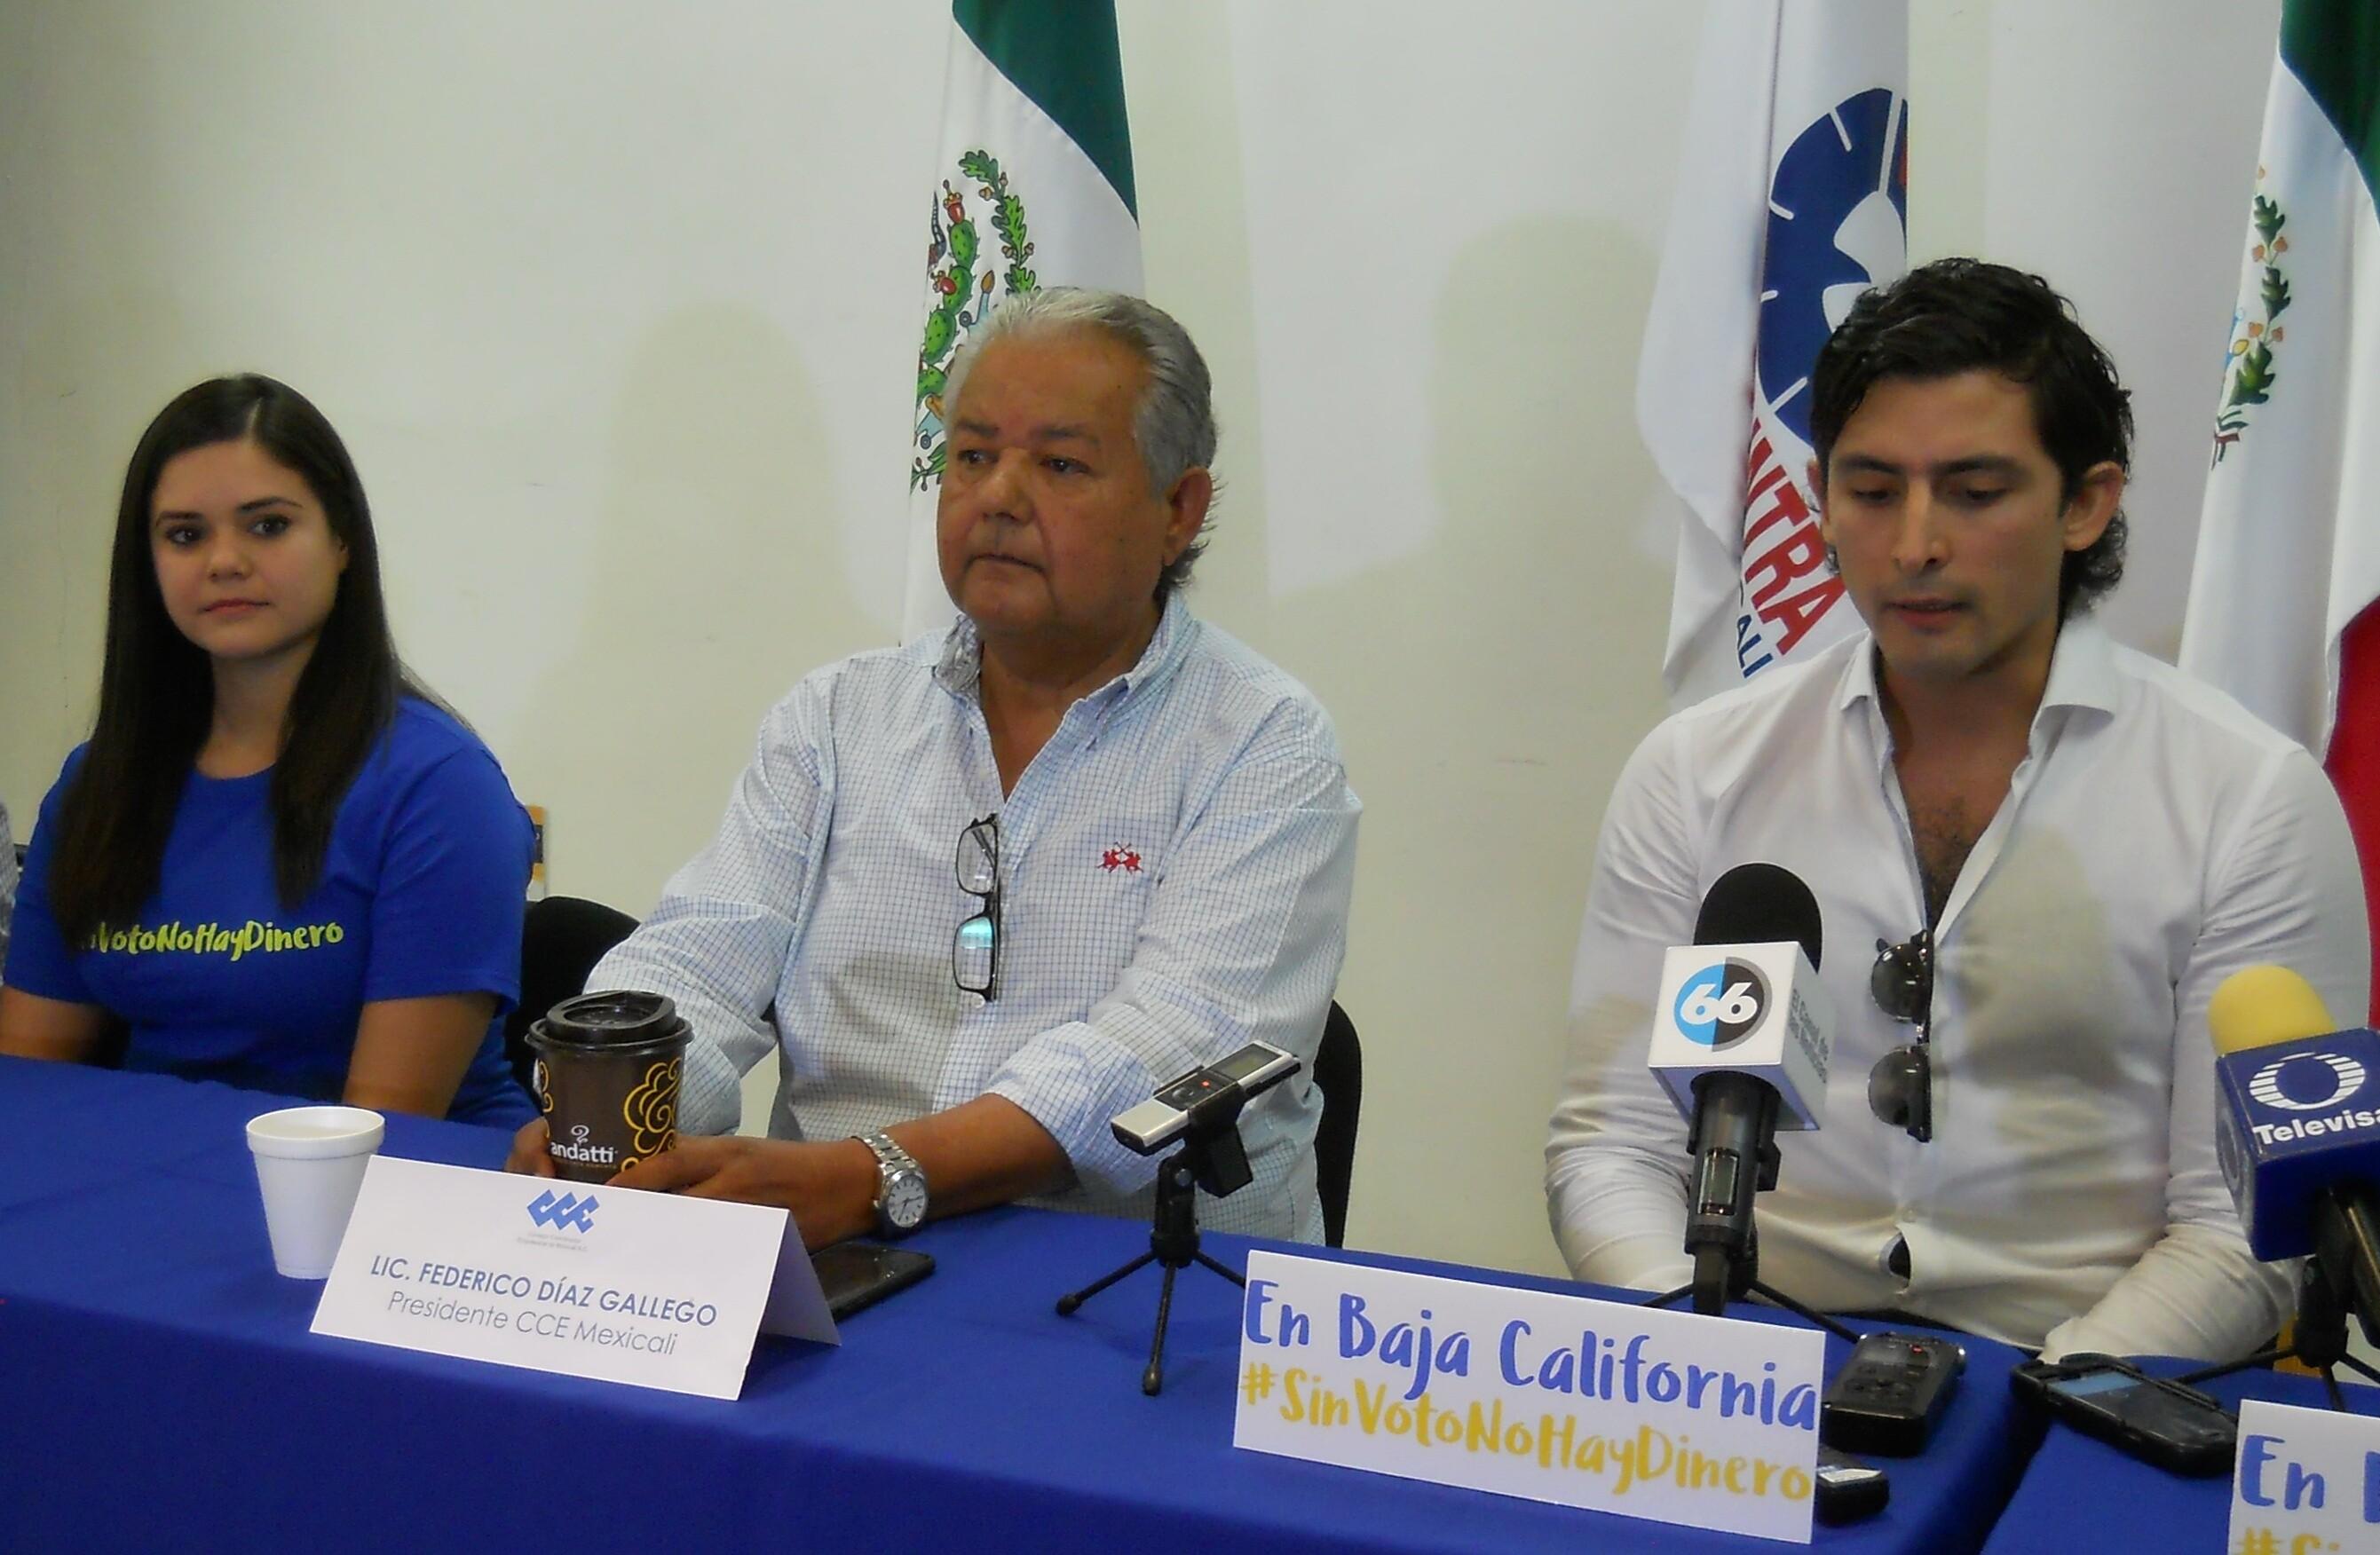 Resultado de imagen para MEXICALI, SIN VOTO NO HAYA DINERO